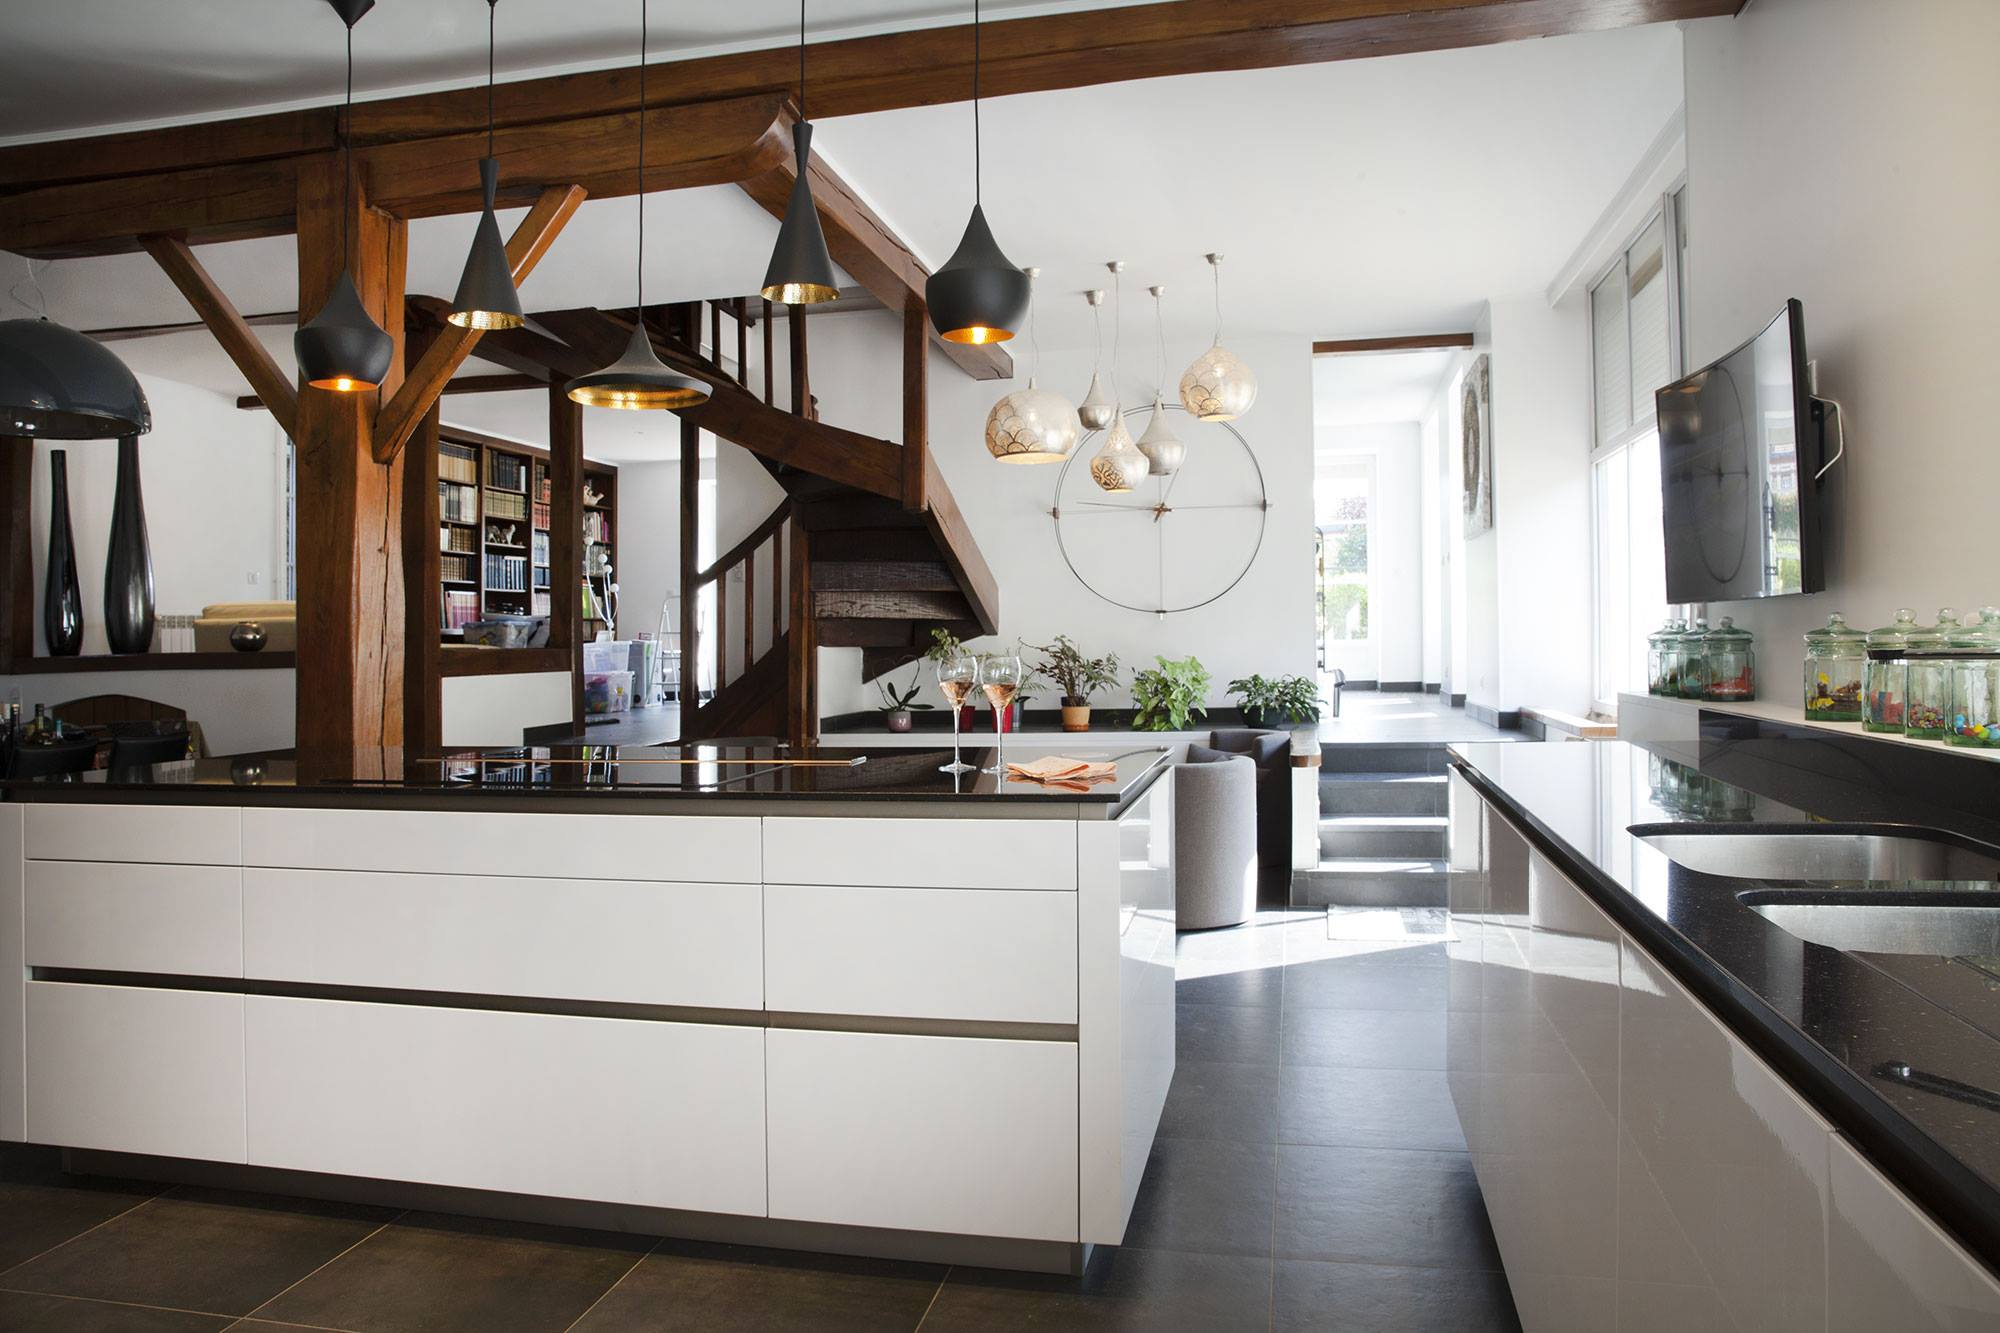 Snaidero greeploze witte designkeuken product in beeld startpagina voor keuken idee n uw - Deco keuken oud land ...